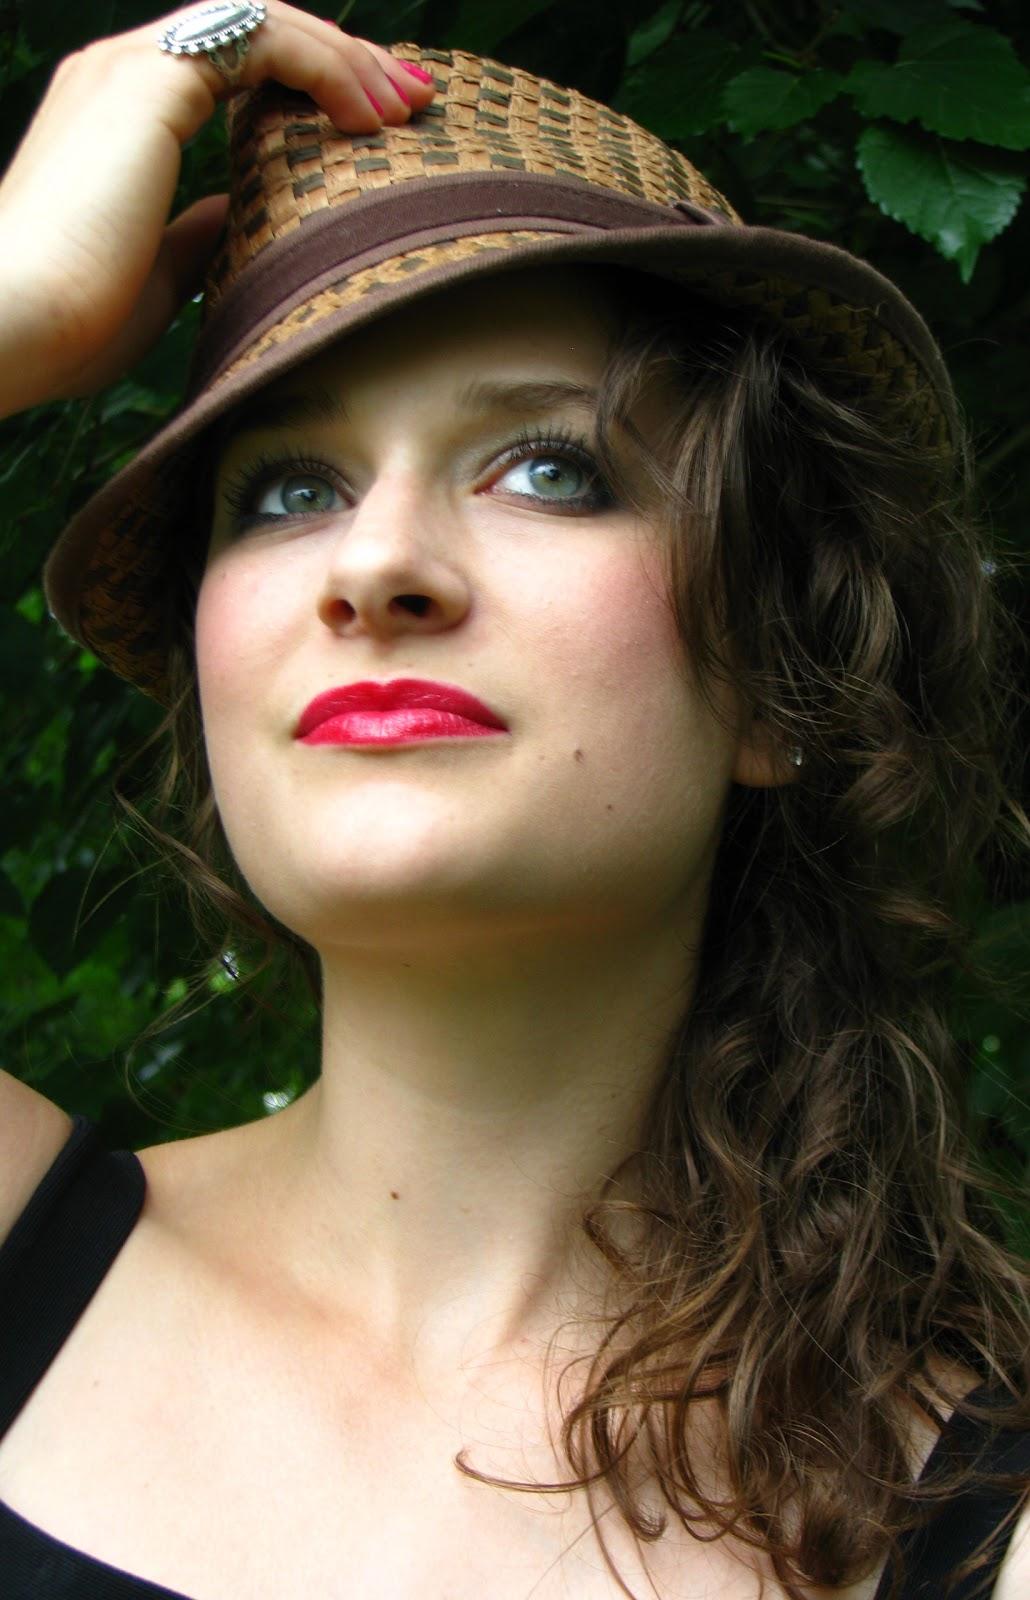 http://2.bp.blogspot.com/-_P1duyUNBL4/T1CYe-bubRI/AAAAAAAADI4/URhz3mERAxw/s1600/Audrey+Hepburn.jpg